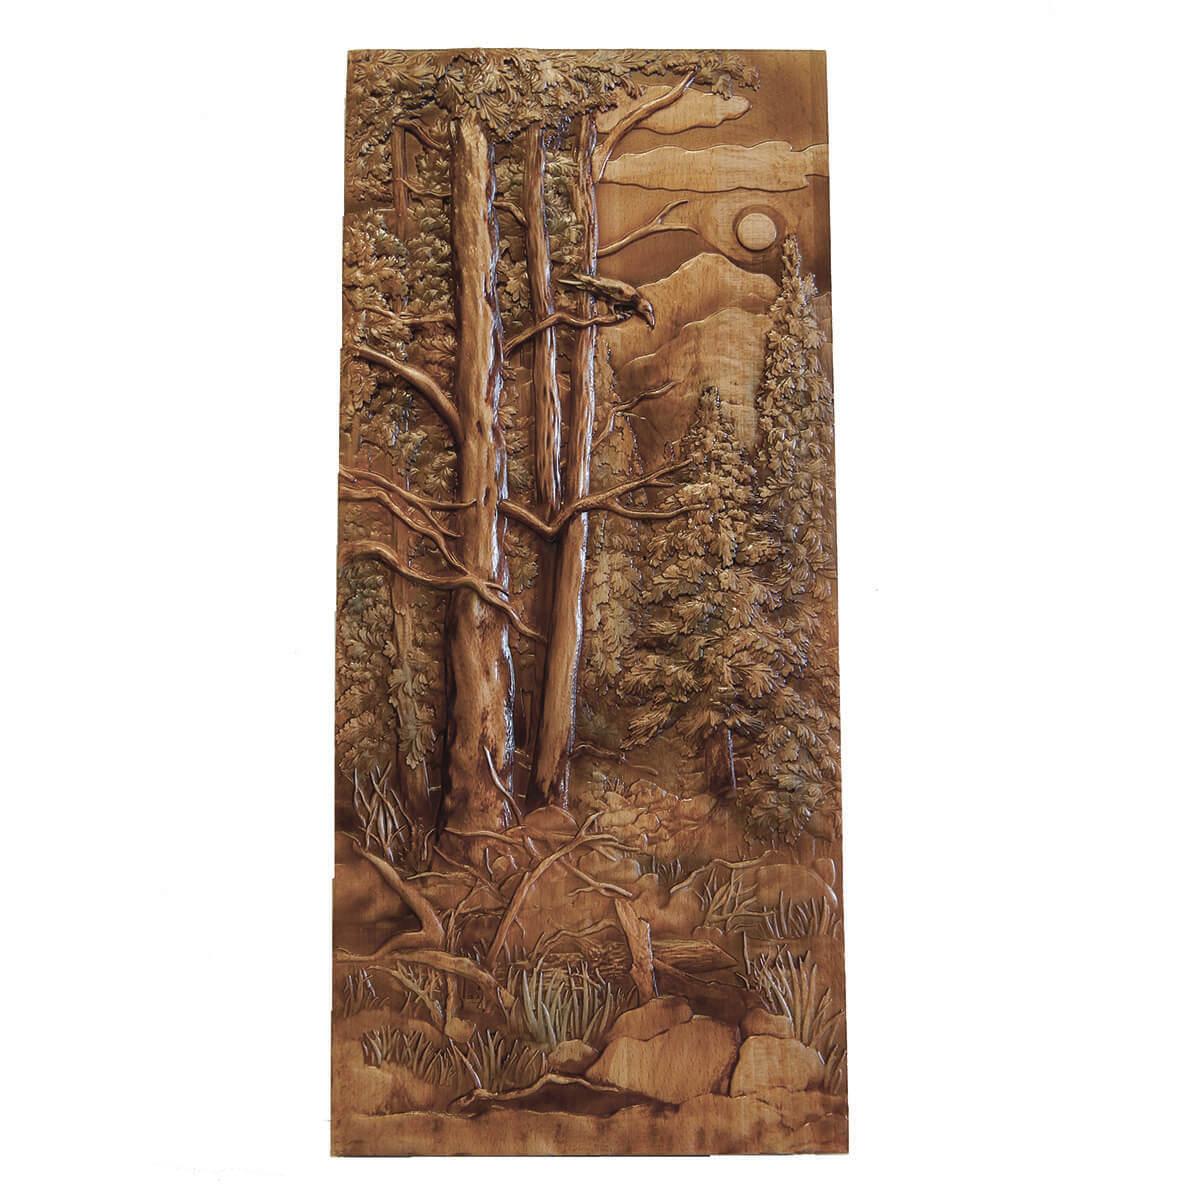 Картина Лес и ворон